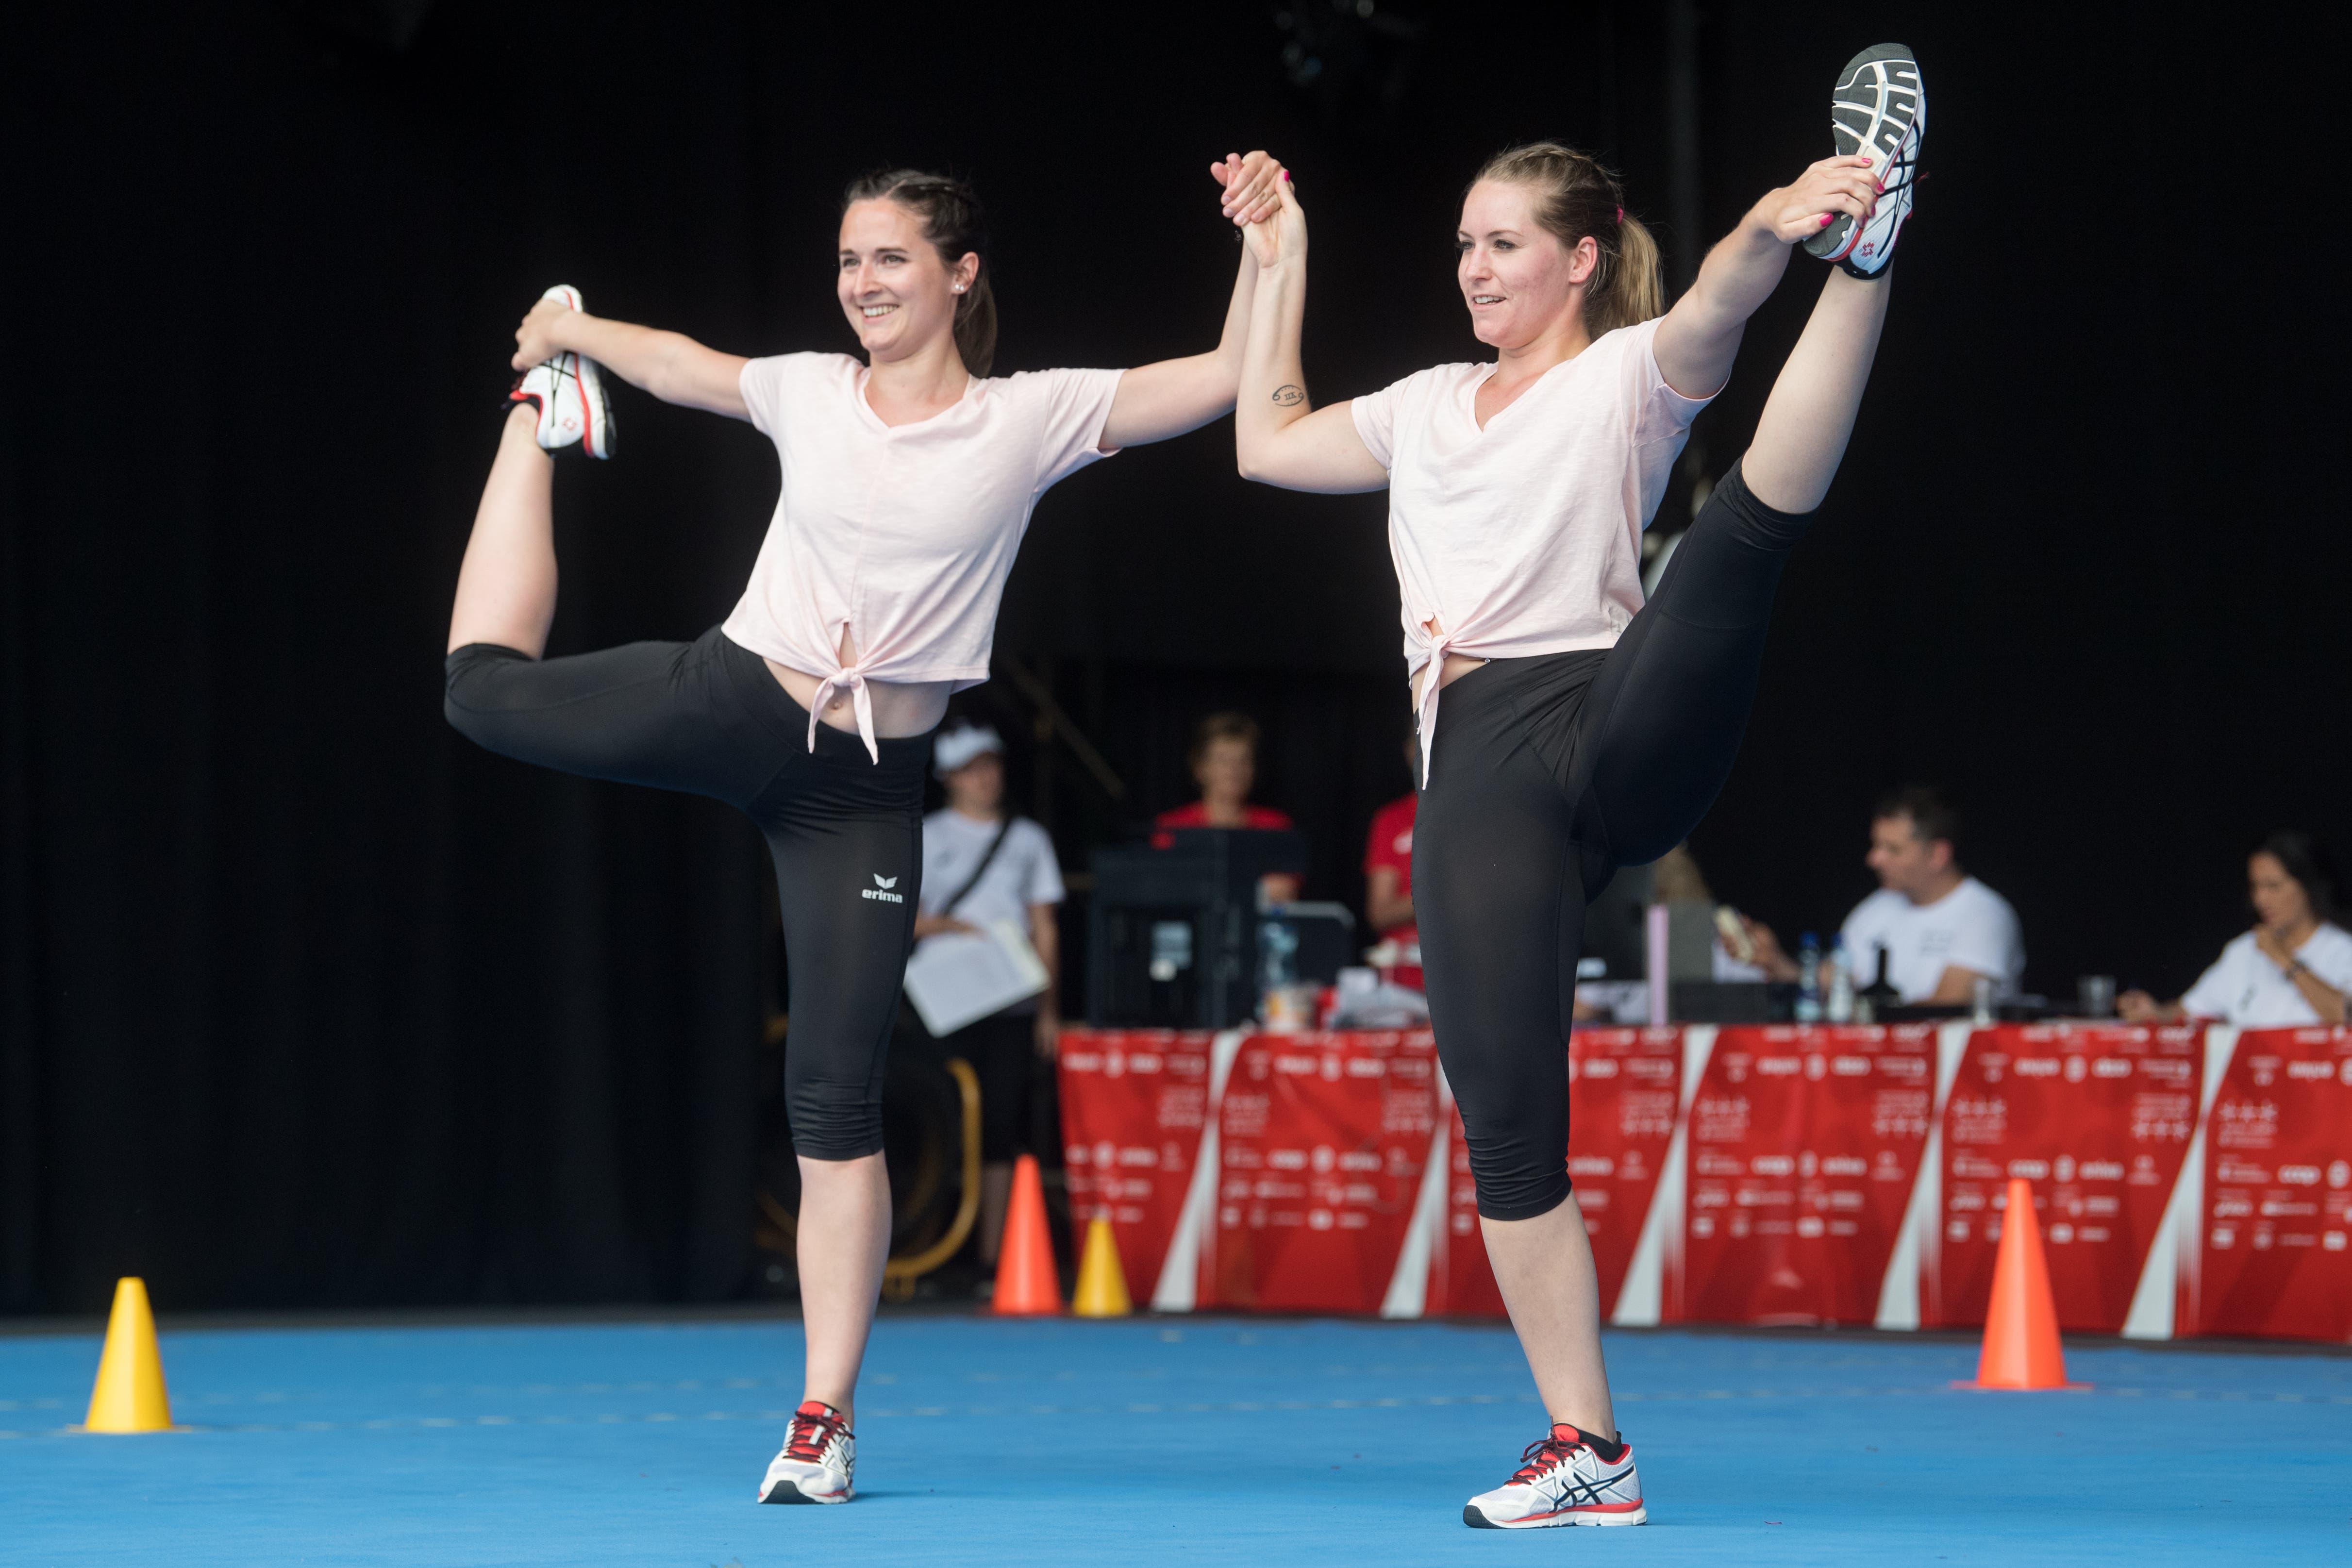 Deborah Leu und Claudia Schnüriger vom TV Dagmersellen bei ihrer Aerobic Vorführung in der Kategorie Aktive Paare. (Bild: Boris Bürgisser, Aarau, 14. Juni 2019)